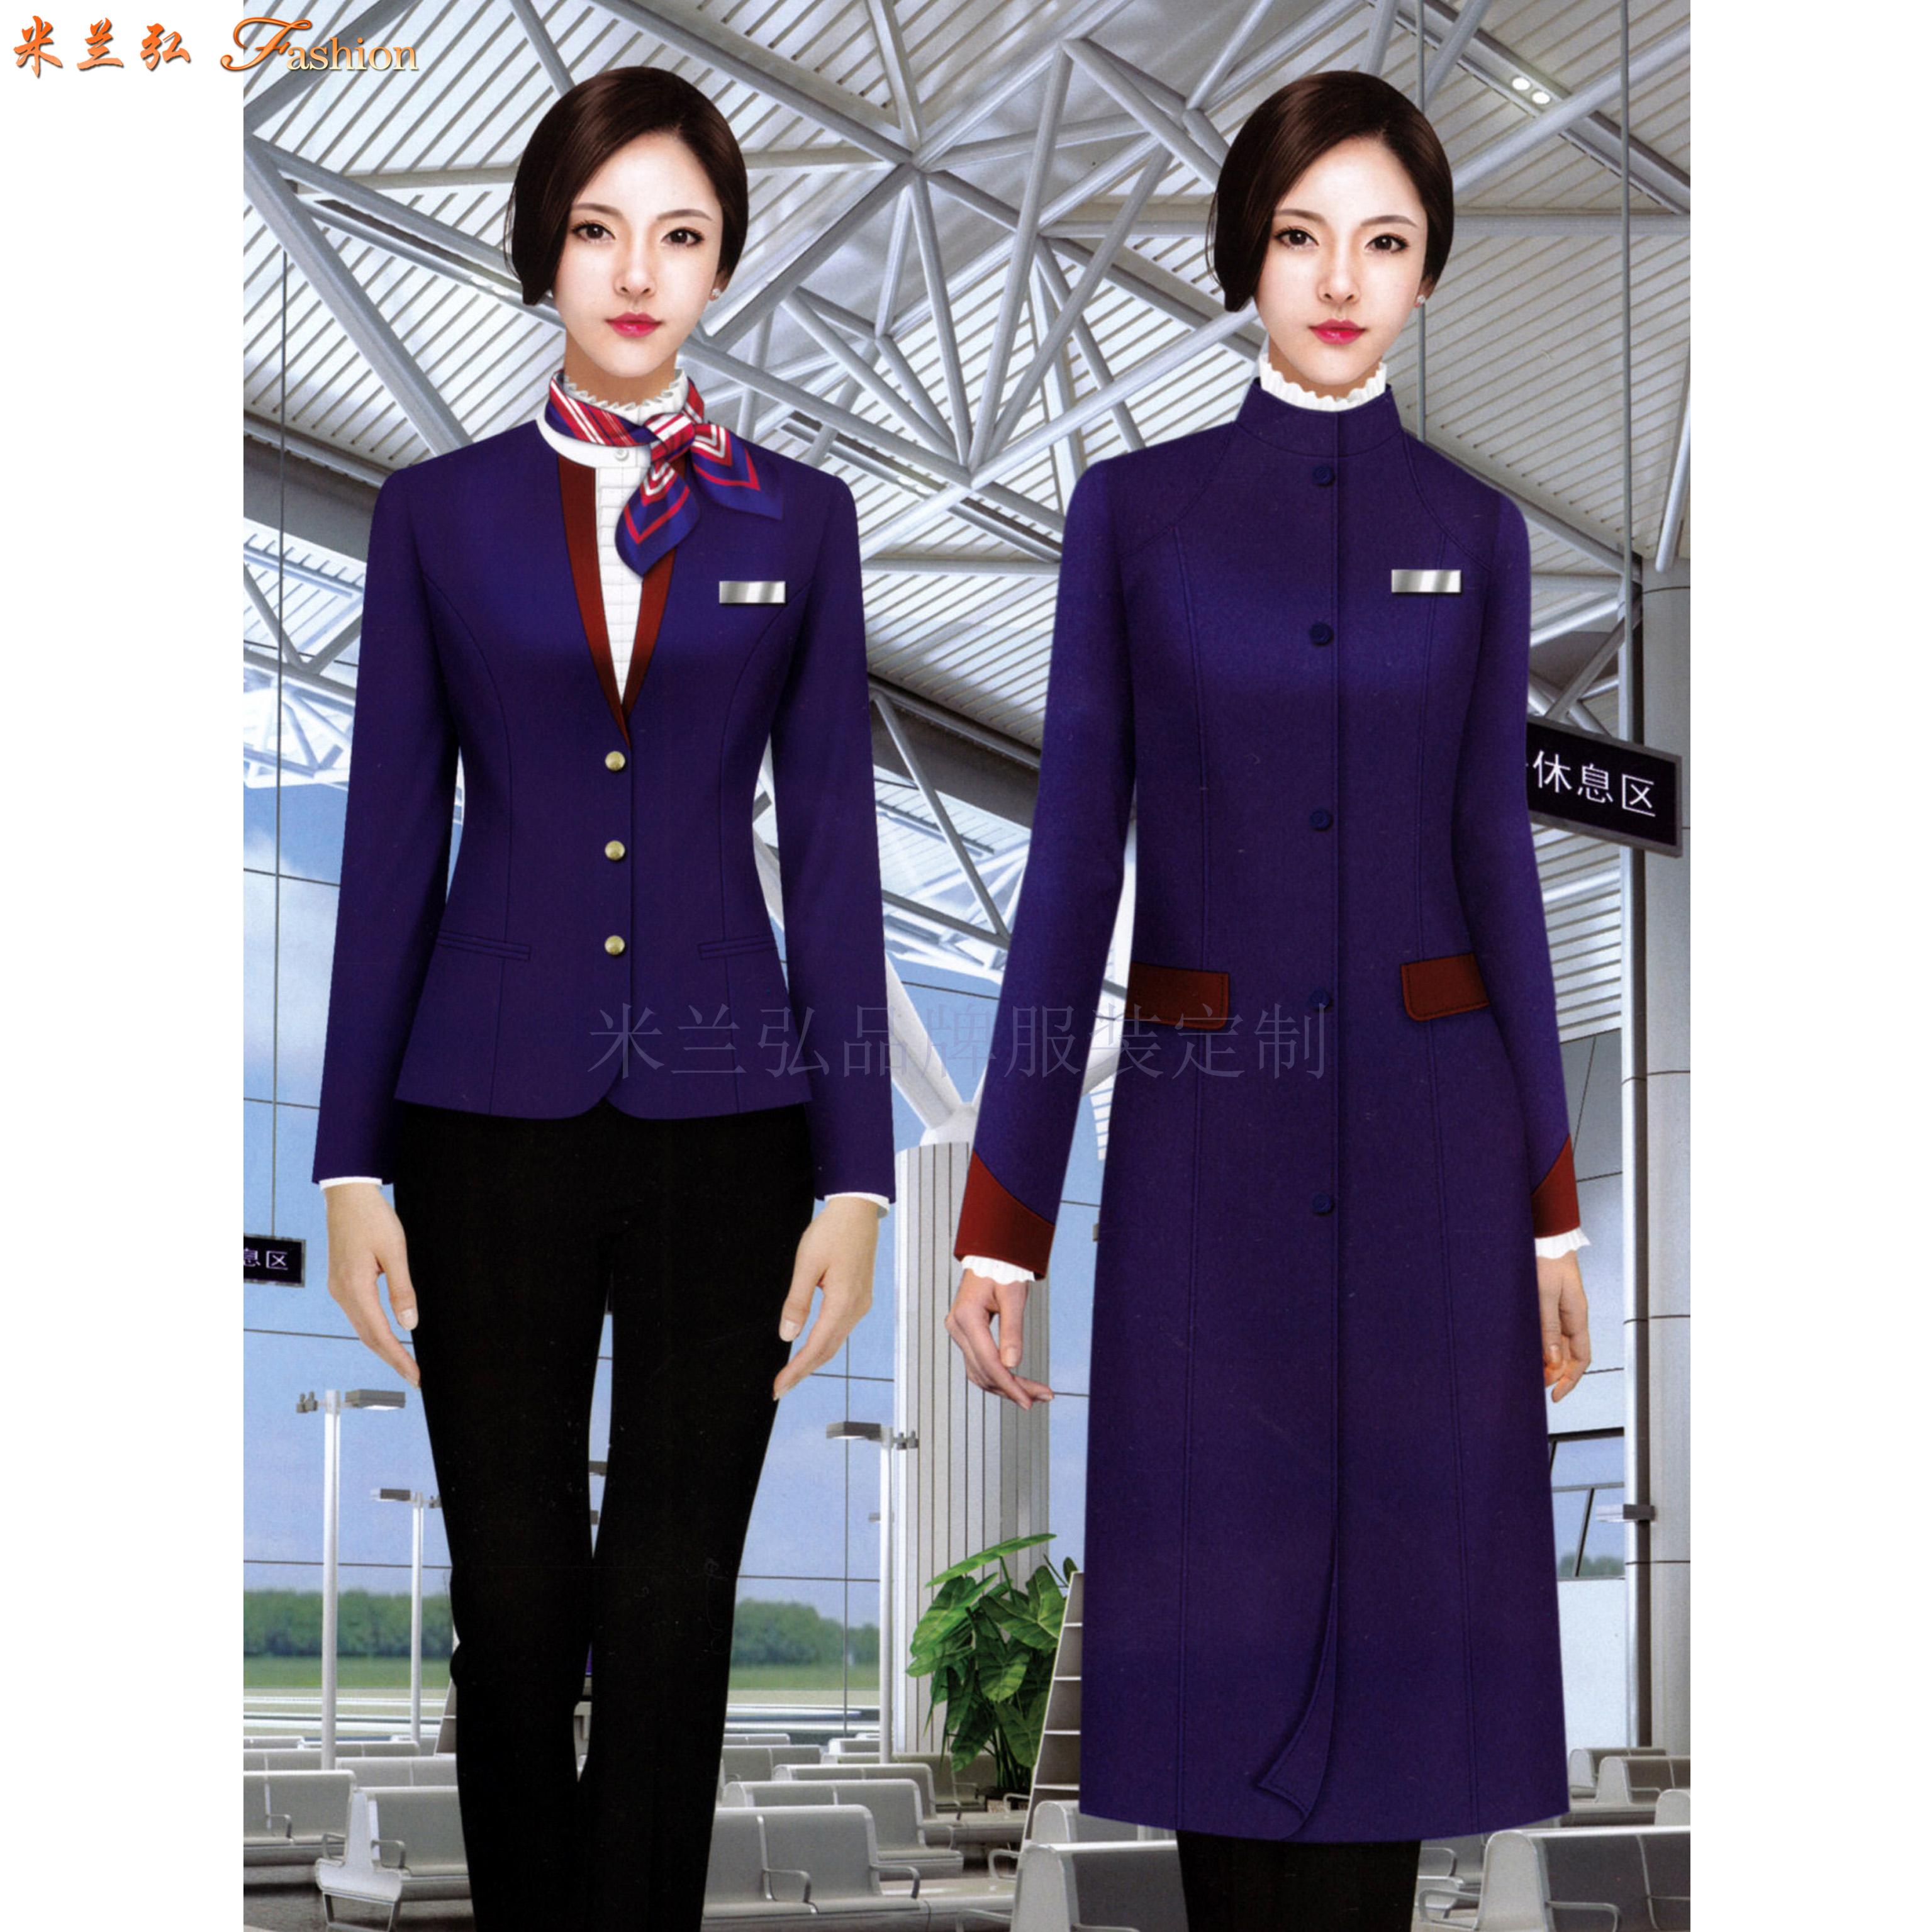 「高鐵大衣」量體定做高鐵乘務員男女保暖羊毛大衣-米蘭弘服裝-4